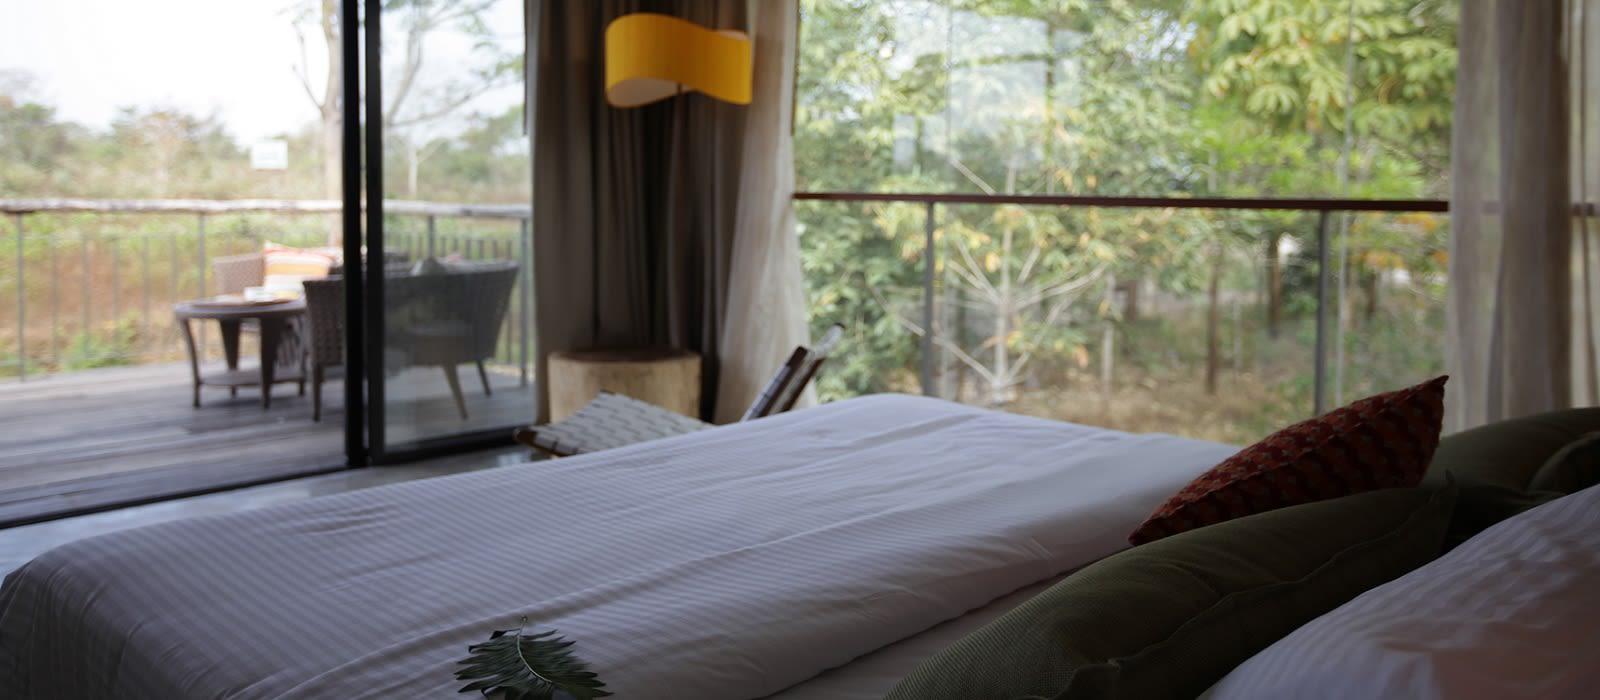 Hotel Kaav Safari Lodge South India